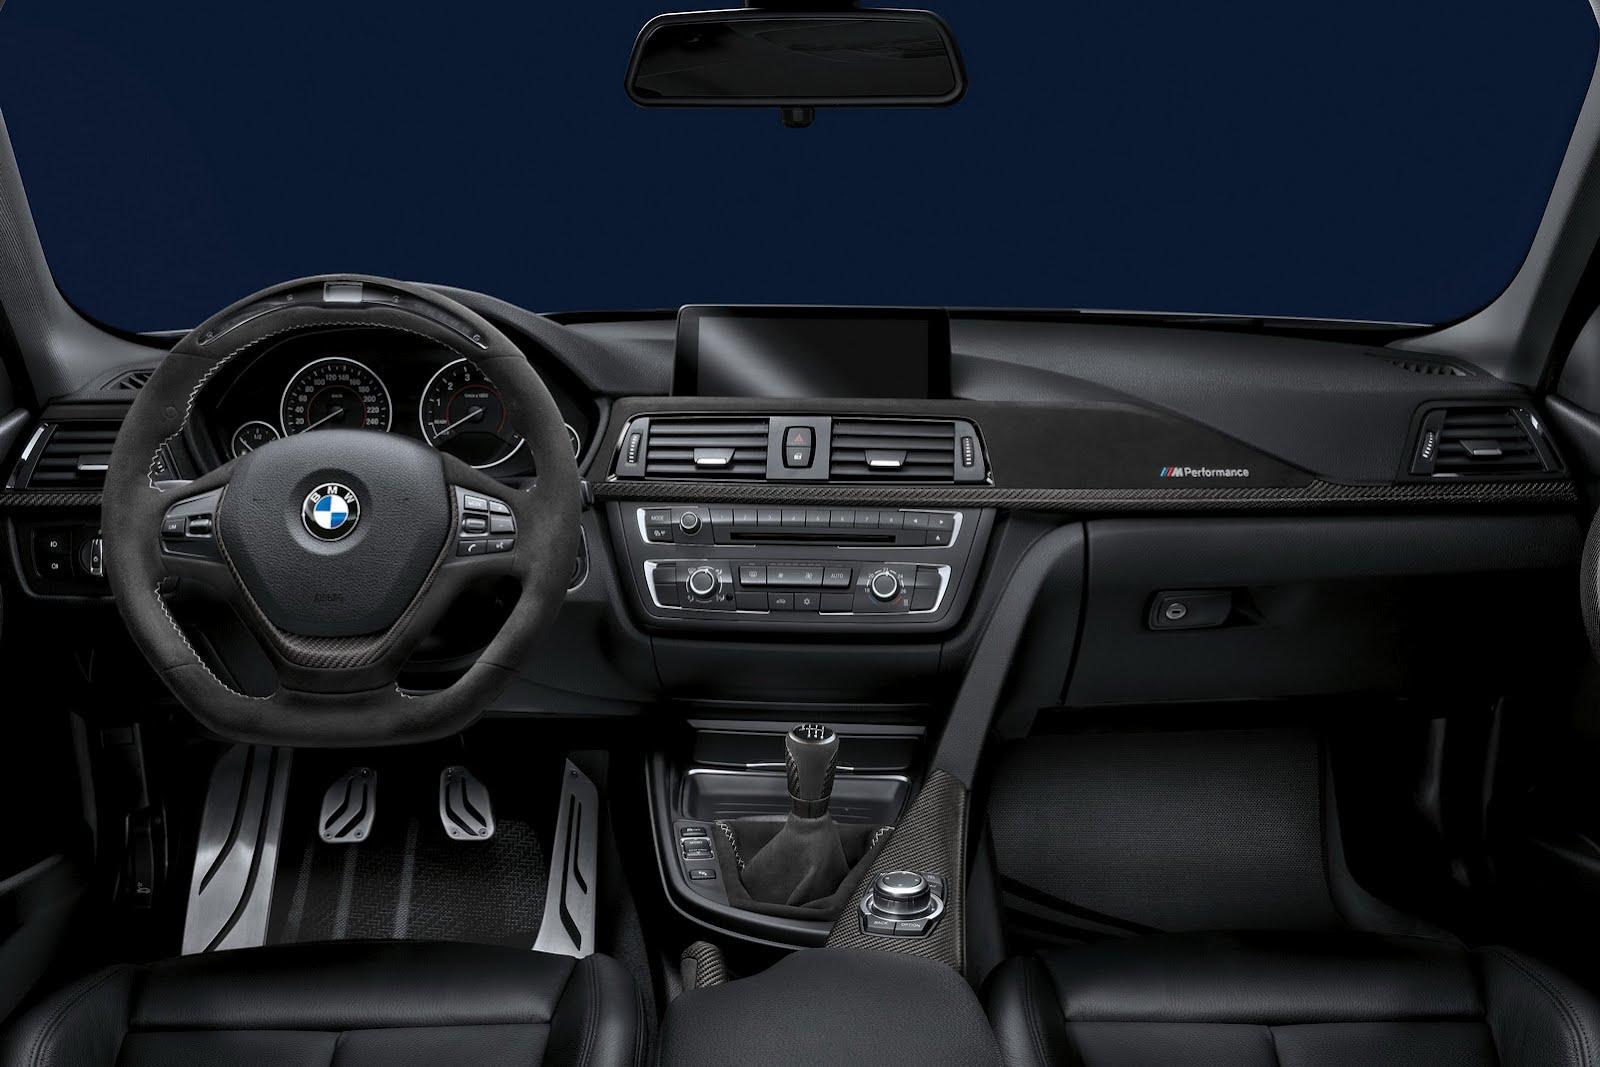 BMW Details M Performance Accessories Ahead of Paris - autoevolution